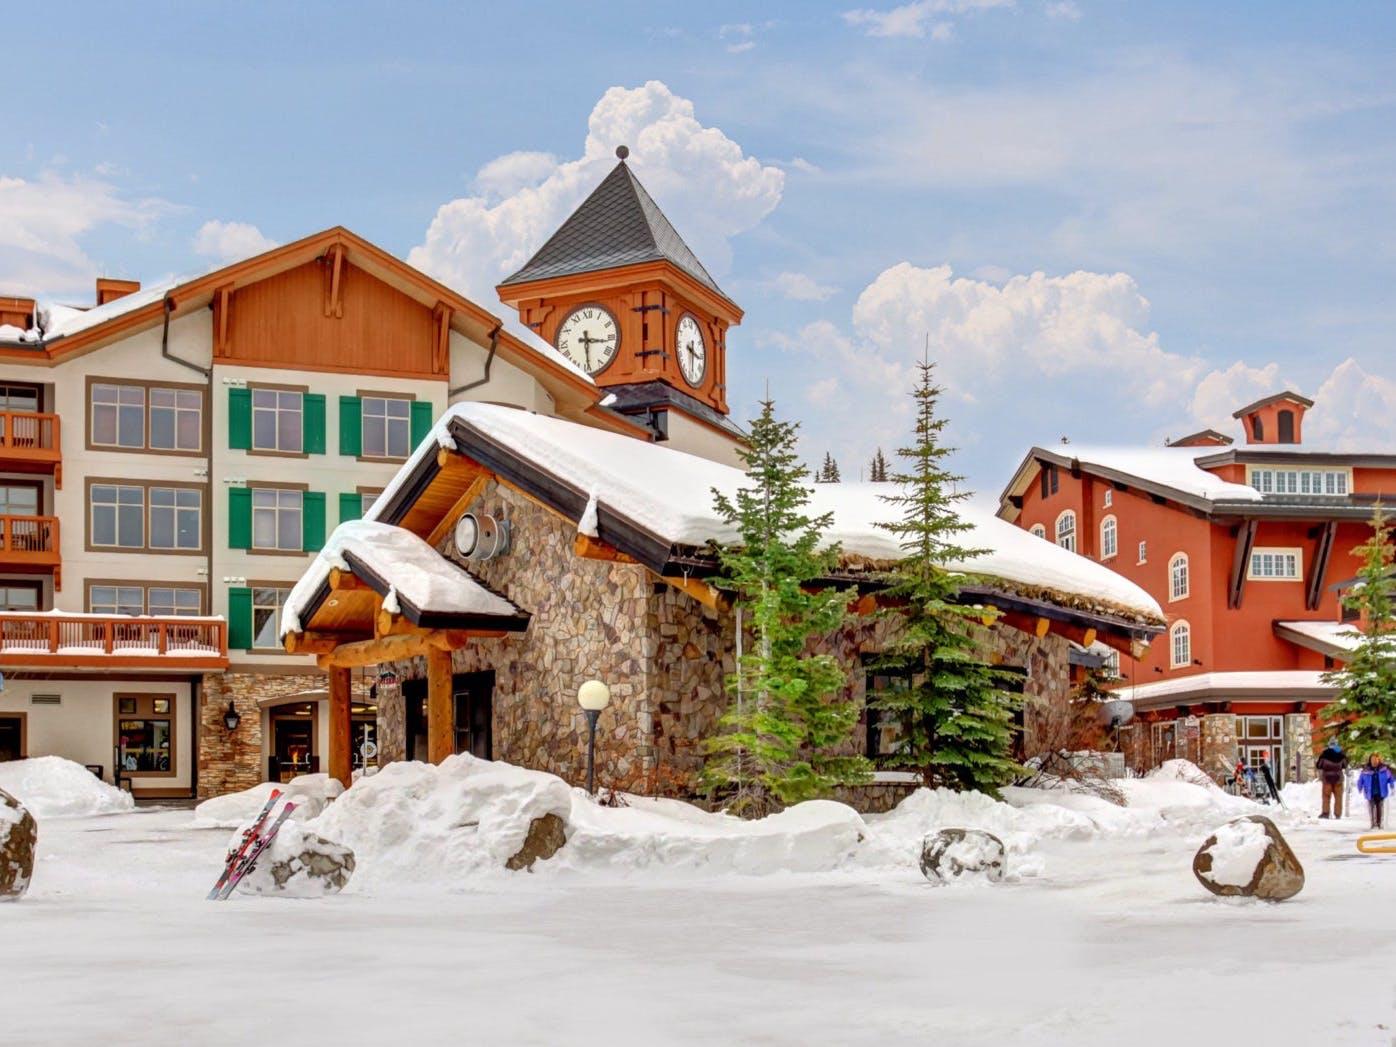 Utah lodge and condos at the bottom of a ski hill